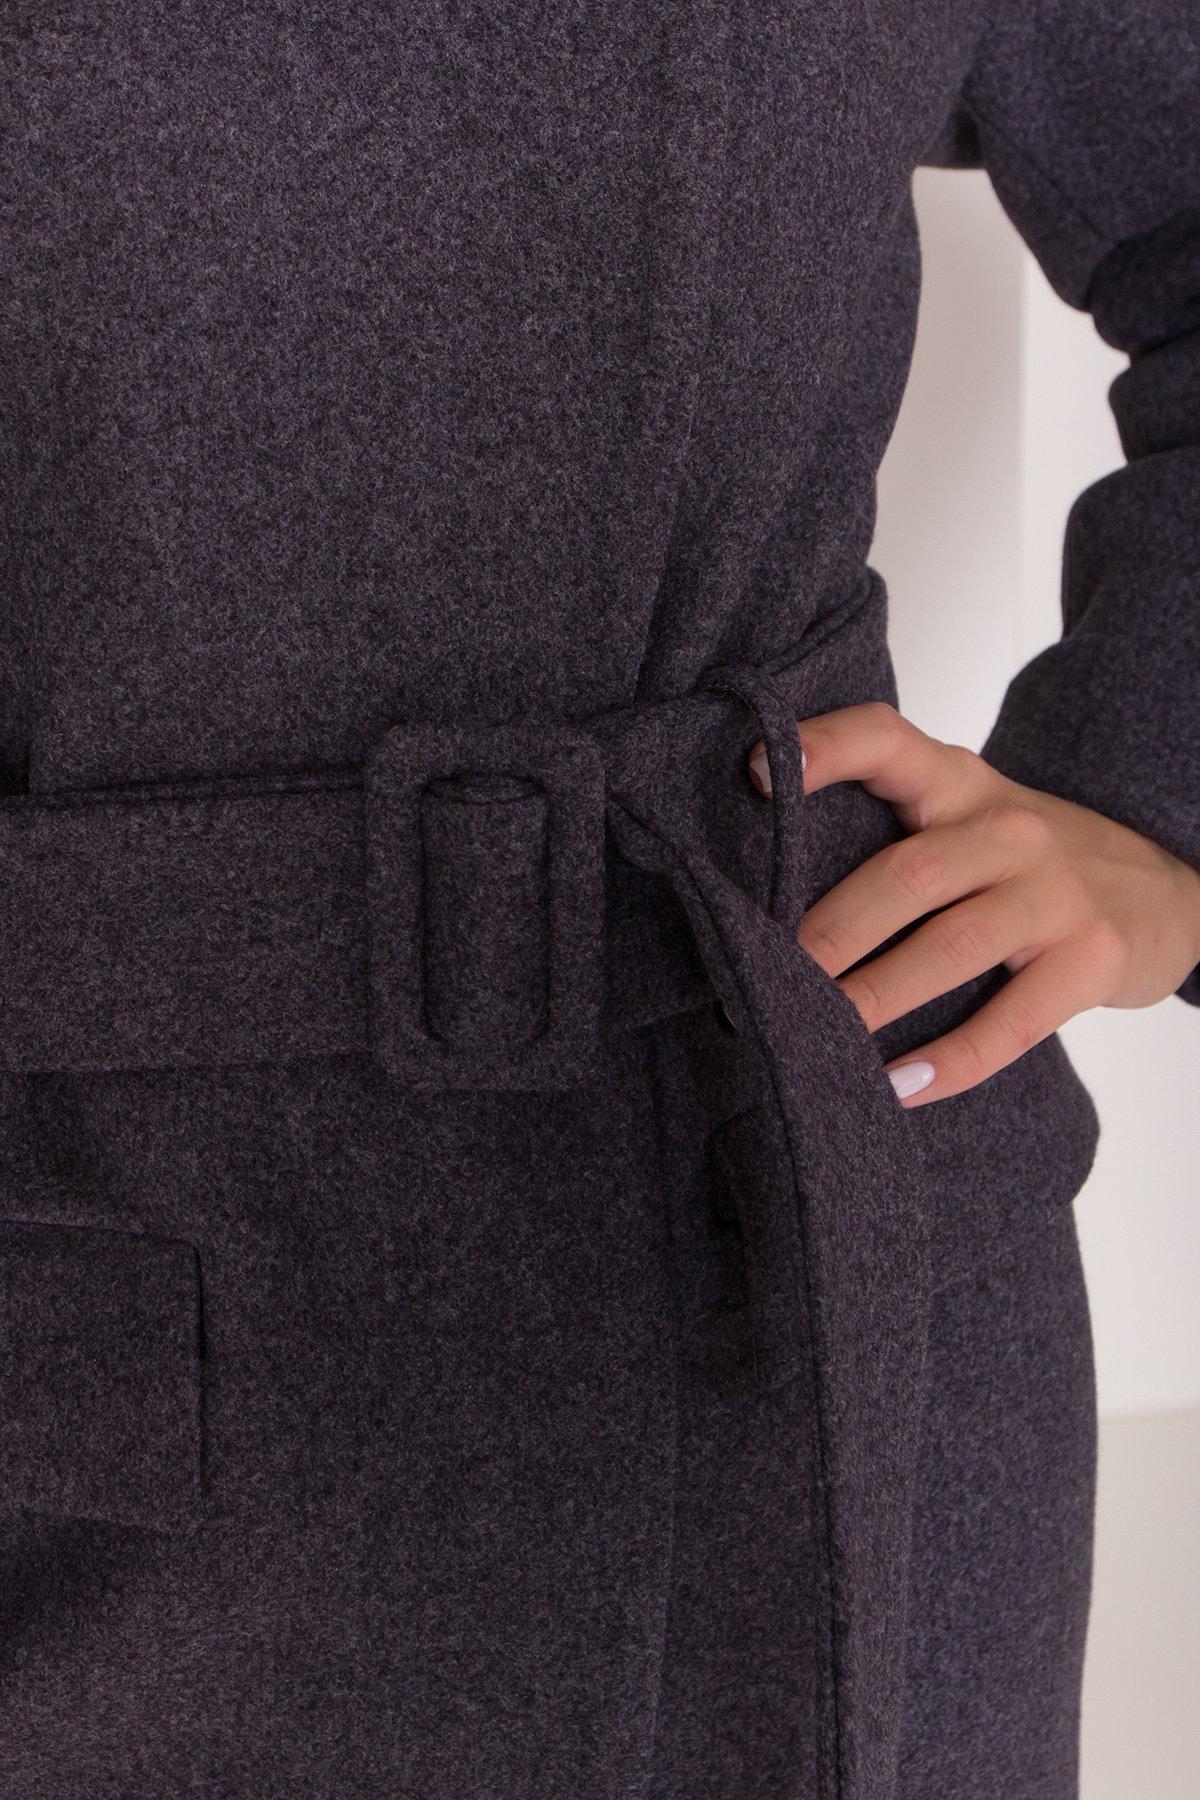 Зимнее пальто с отложным воротником Моле 8085 АРТ. 44036 Цвет: Т.синий 543 - фото 9, интернет магазин tm-modus.ru